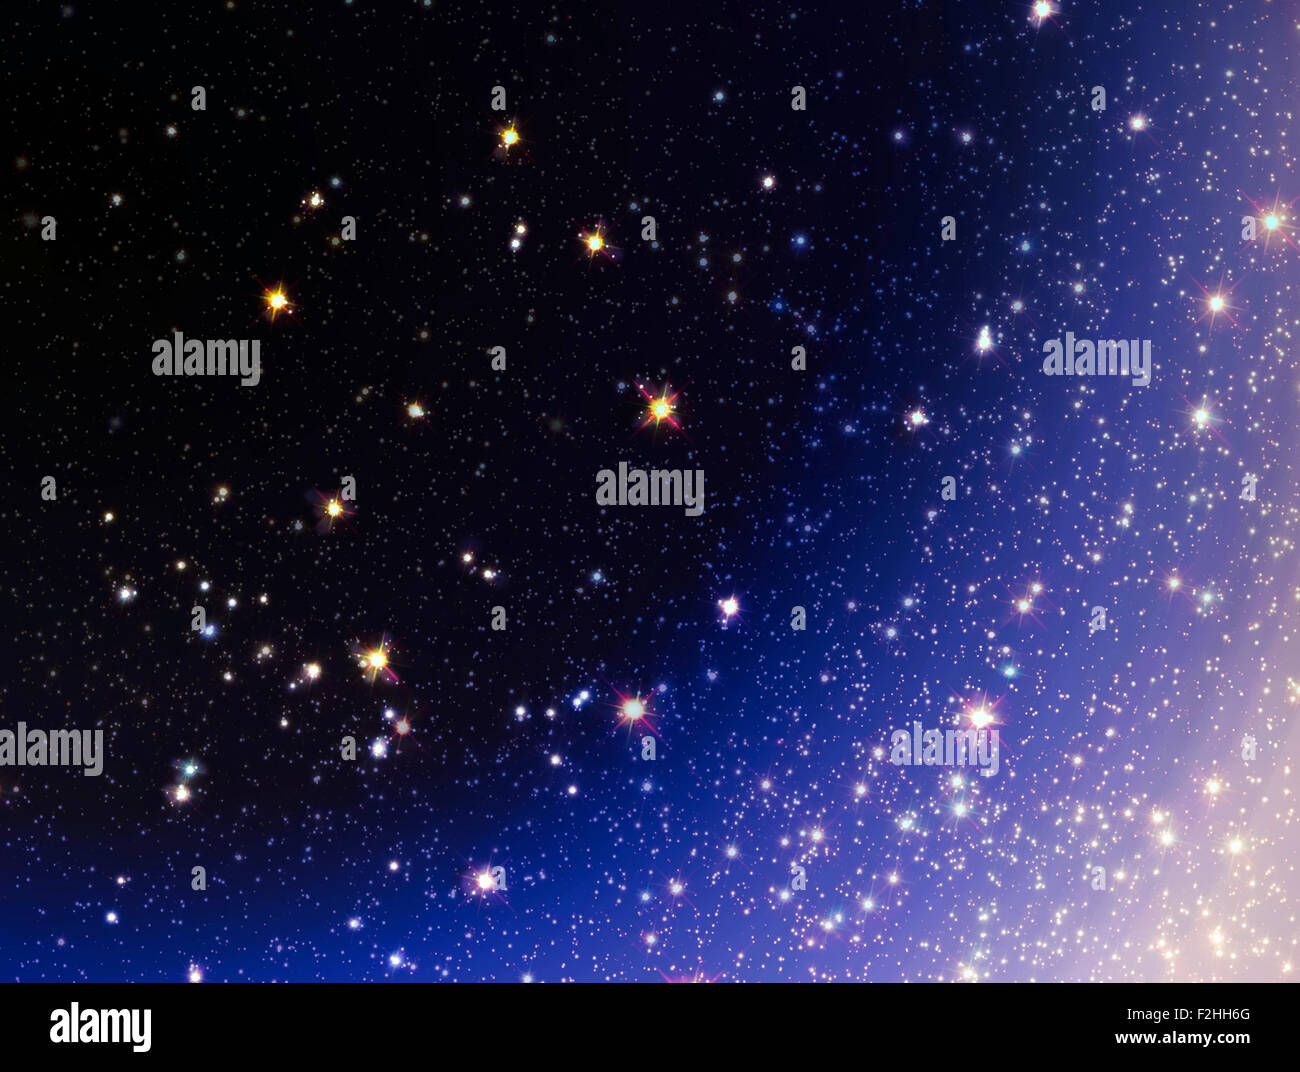 Estrellas de fondo, textura espacial con muchas estrellas Imagen De Stock